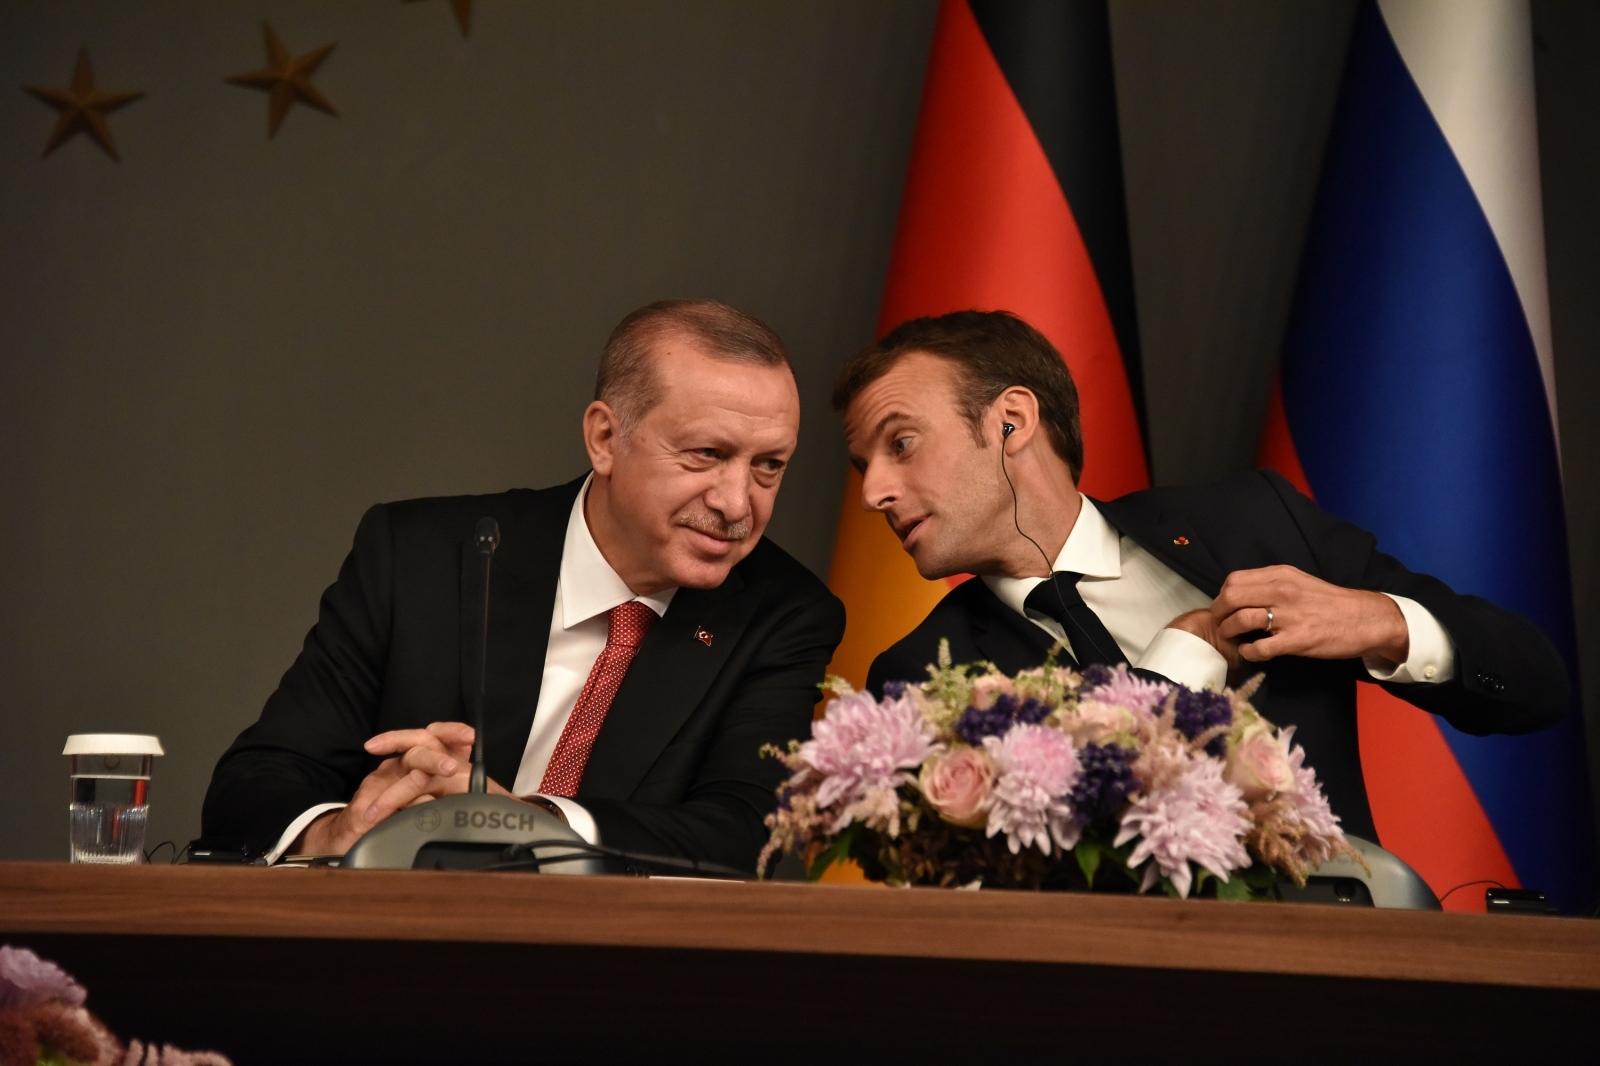 Macron in Erdogan